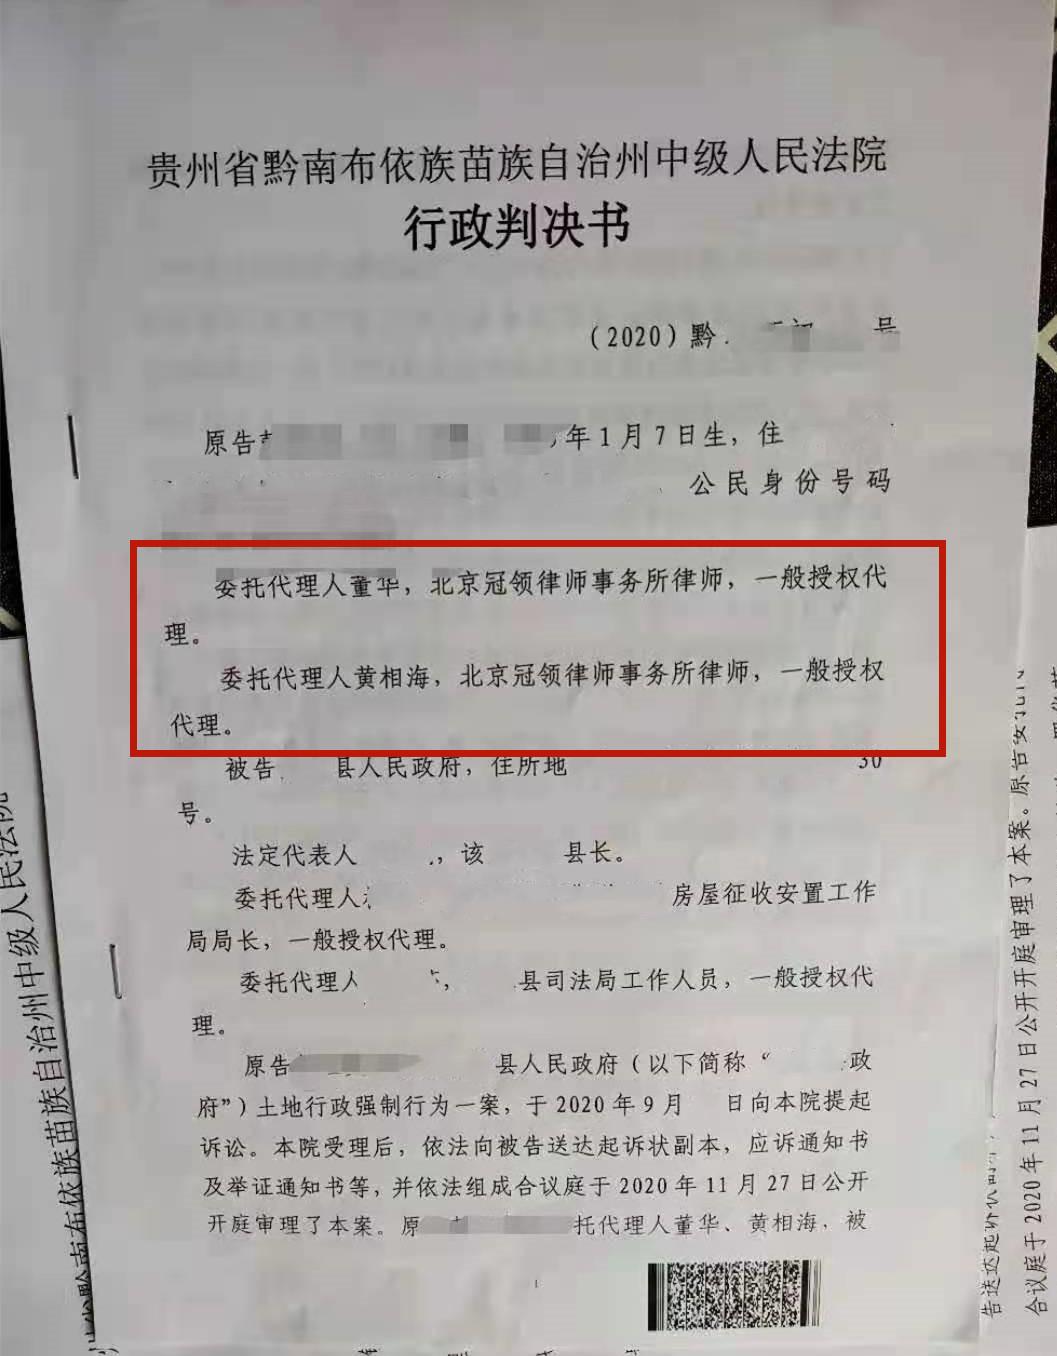 贵州默南州拆迁律师;冠领代理刘某房屋